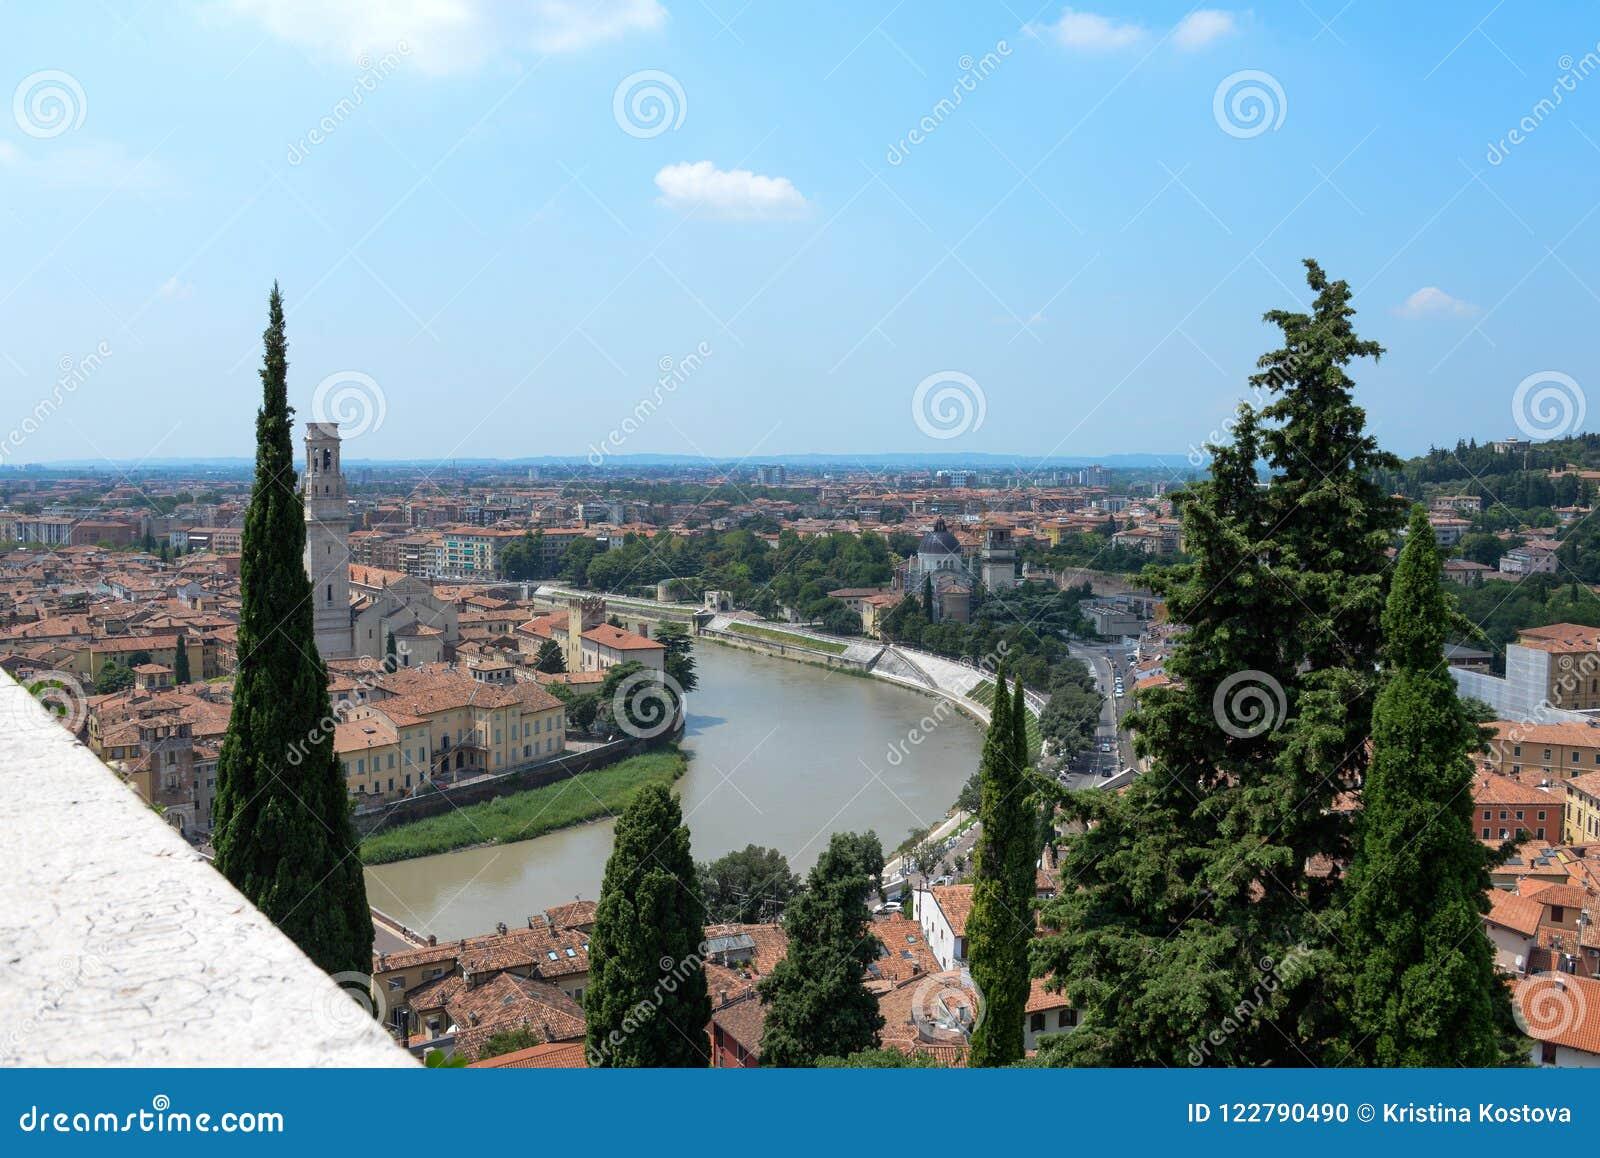 Di Verona del duomo una vista dalle rovine e dagli alberi alti